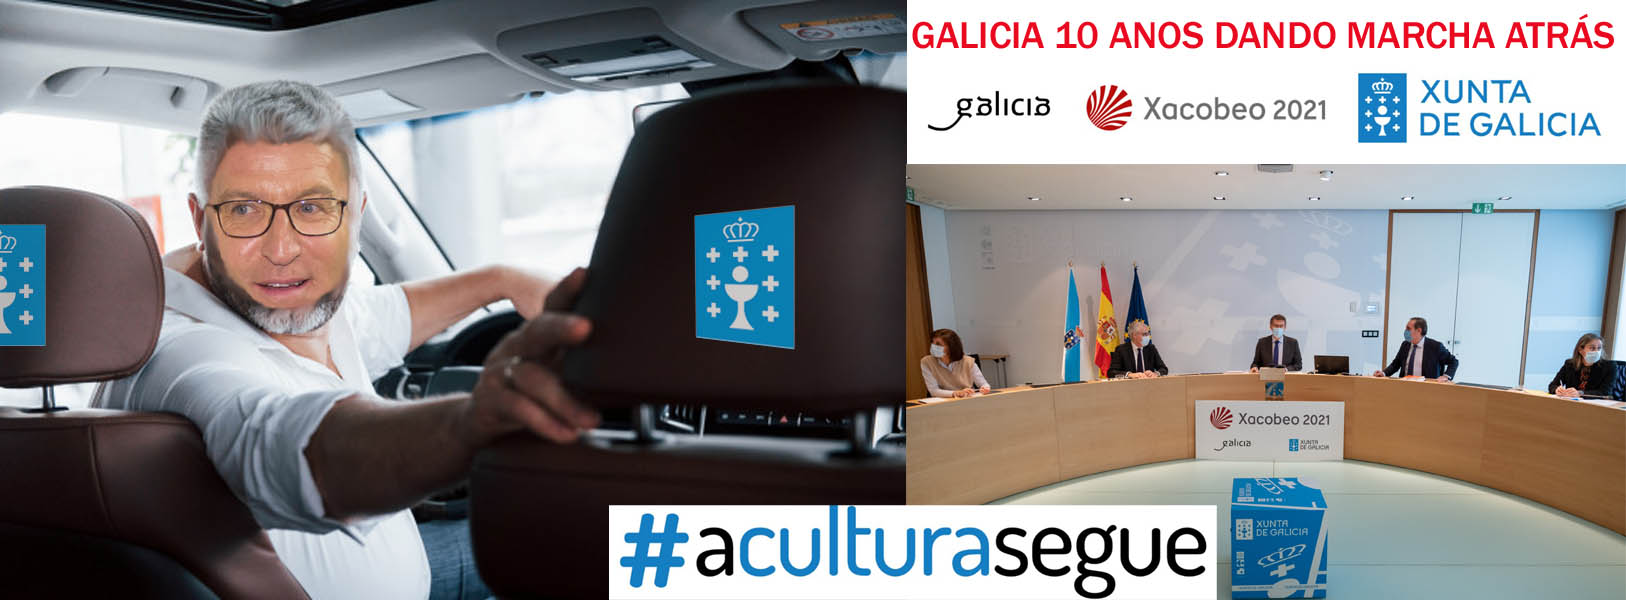 Feijóo dirige un gobierno de muertos vivientes que basan su gestión en la MARCHA  ATRÁS, #GaliciaGaliciaGalicia #Galiciavolve ja,ja,ja orgullosos de ser  galeg@s. - Xornal Galicia